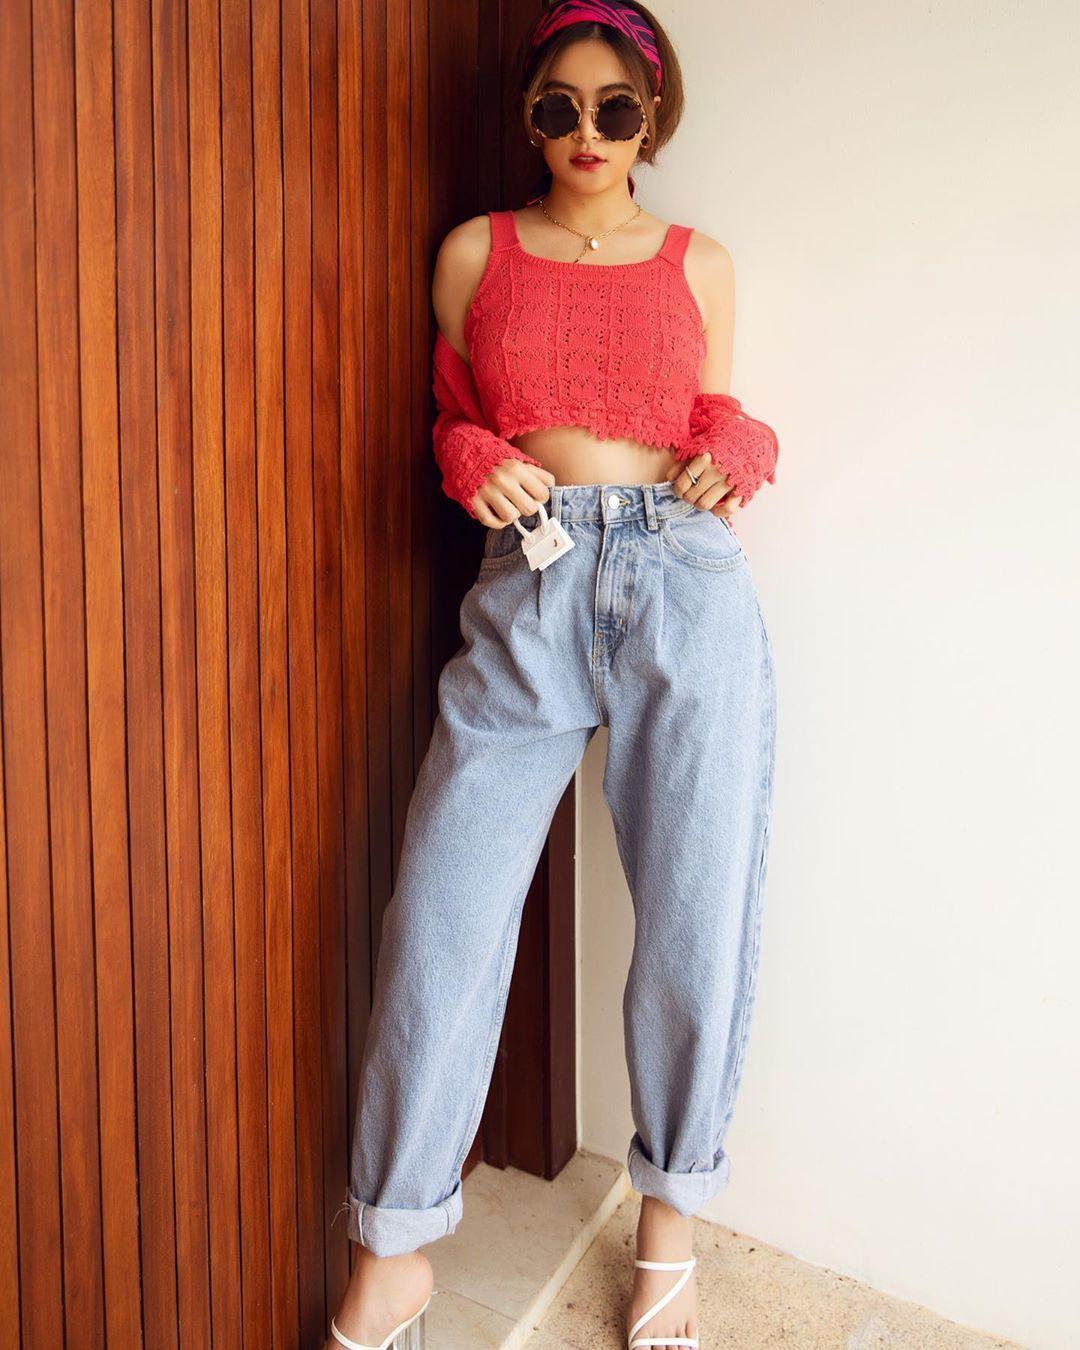 hoàng thùy linh mặc áo hai dây bản to màu hồng và quần jeans